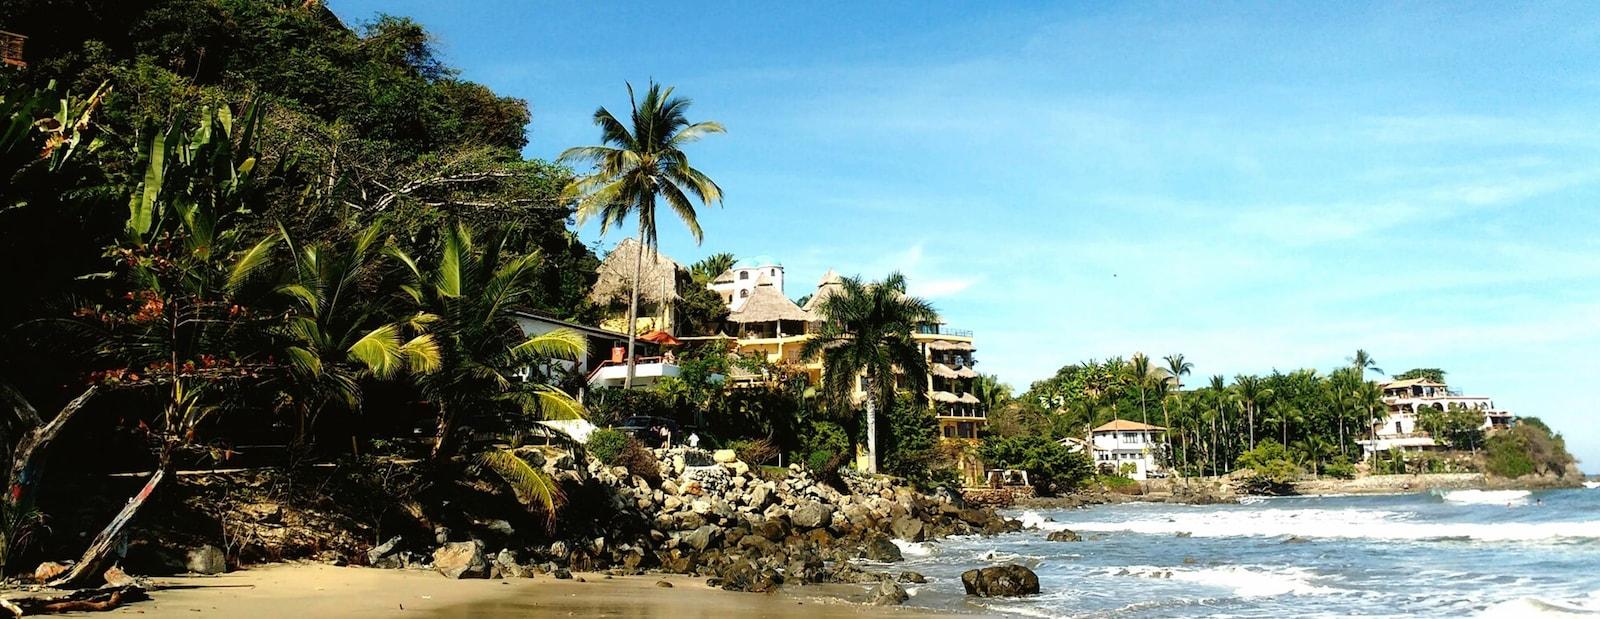 巴亚尔塔的度假屋